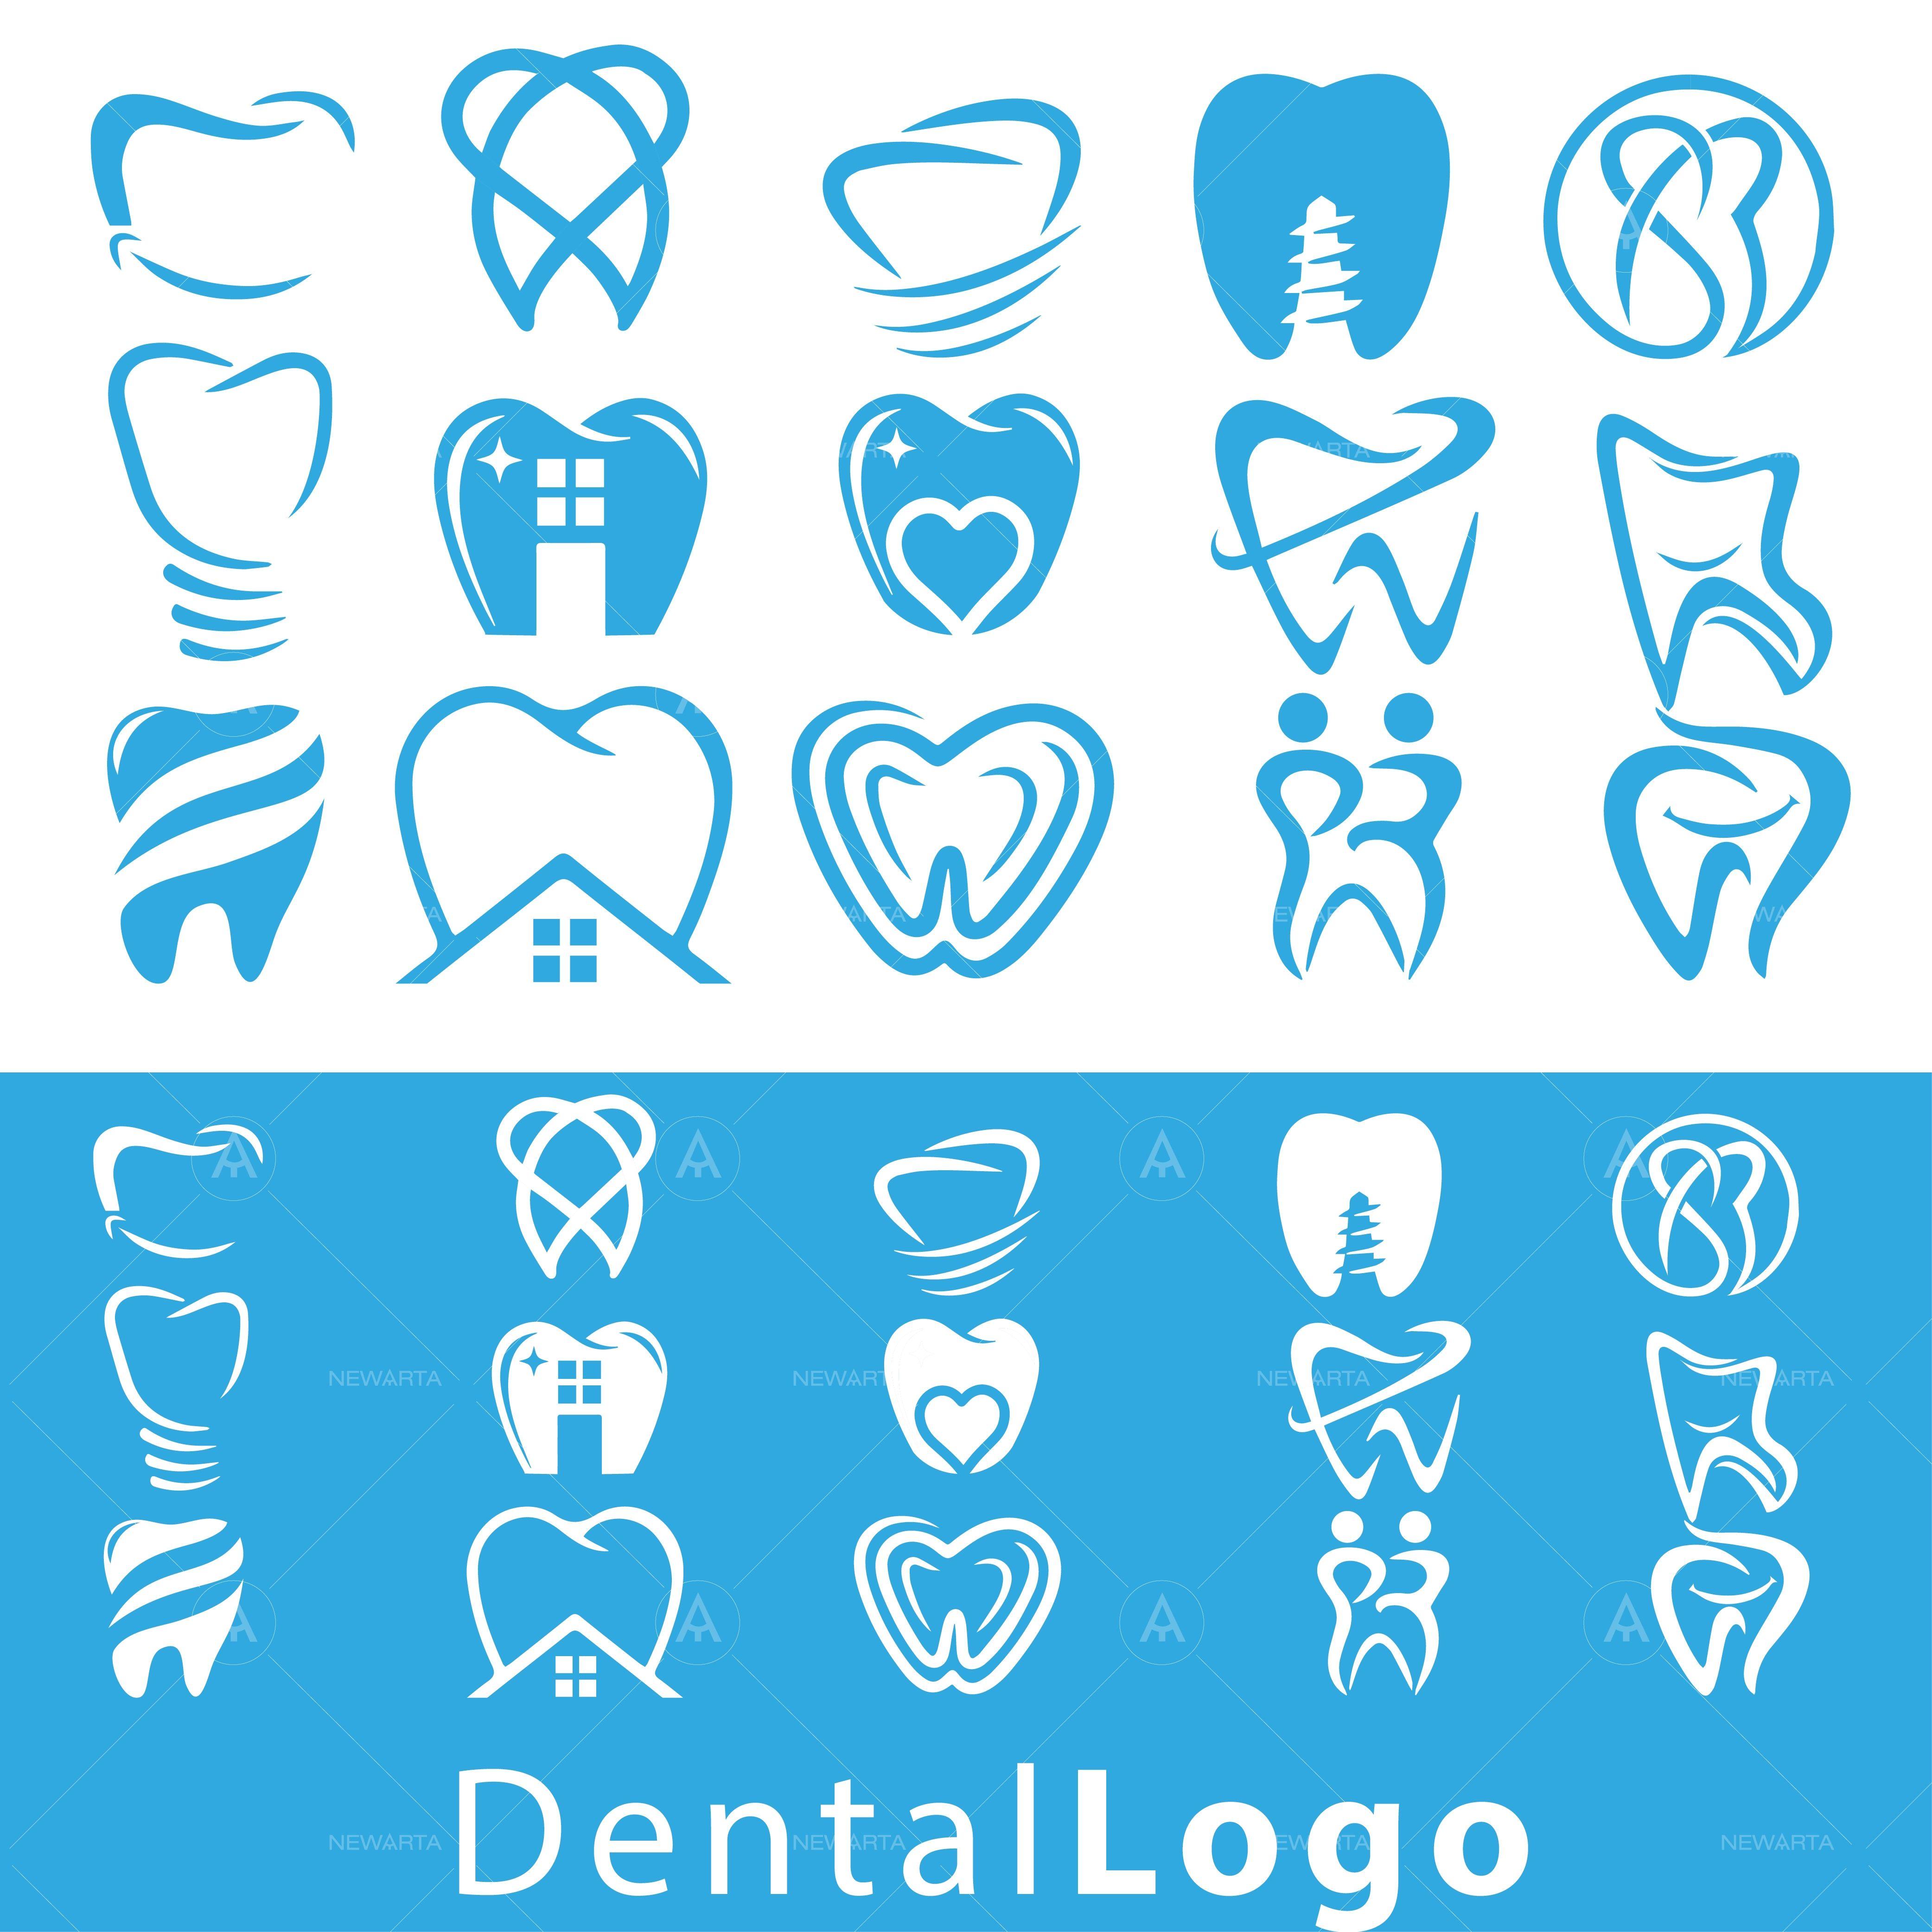 Dental logo set Dental logo, Dental clinic logo, Dental